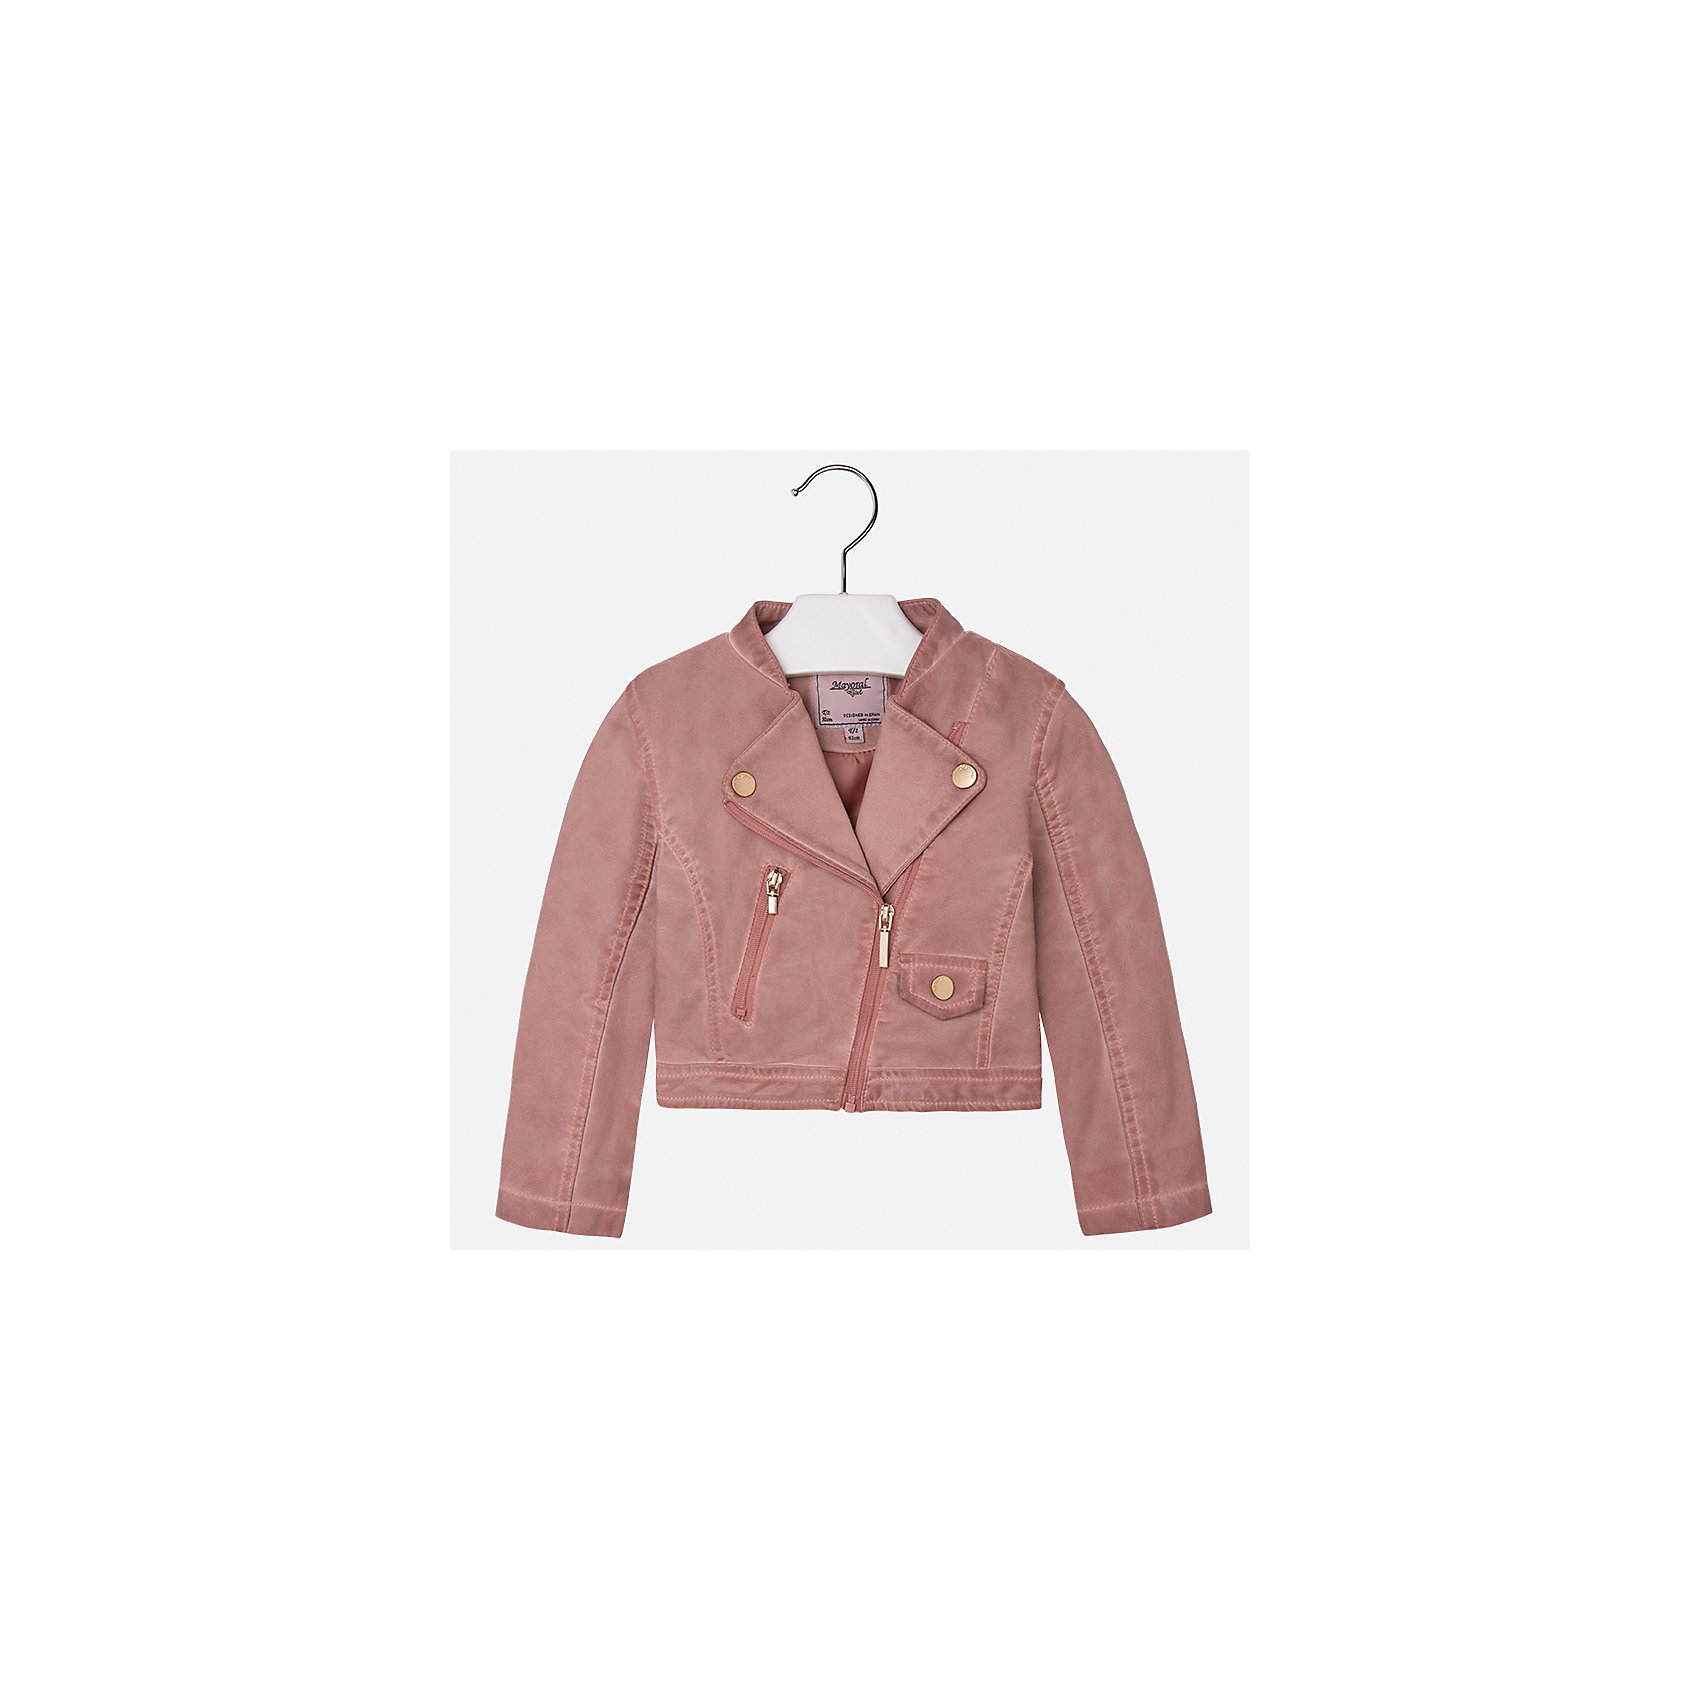 Куртка для девочки MayoralХарактеристики товара:<br><br>• цвет: розовый<br>• состав: 100% полиэстер, верх - 100% полиэстер<br>• косая молния<br>• карманы<br>• с длинными рукавами <br>• плотная ткань<br>• страна бренда: Испания<br><br>Стильная куртка для девочки поможет разнообразить гардероб ребенка и обеспечить тепло в прохладную погоду. Она отлично сочетается и с юбками, и с брюками. Красивый цвет позволяет подобрать к вещи низ различных расцветок. Интересная отделка модели делает её нарядной и стильной. Оригинальной и модной куртку делает косая молния.<br><br>Одежда, обувь и аксессуары от испанского бренда Mayoral полюбились детям и взрослым по всему миру. Модели этой марки - стильные и удобные. Для их производства используются только безопасные, качественные материалы и фурнитура. Порадуйте ребенка модными и красивыми вещами от Mayoral! <br><br>Куртку для девочки от испанского бренда Mayoral (Майорал) можно купить в нашем интернет-магазине.<br><br>Ширина мм: 356<br>Глубина мм: 10<br>Высота мм: 245<br>Вес г: 519<br>Цвет: розовый<br>Возраст от месяцев: 96<br>Возраст до месяцев: 108<br>Пол: Женский<br>Возраст: Детский<br>Размер: 134,92,98,104,110,116,122,128<br>SKU: 5290091